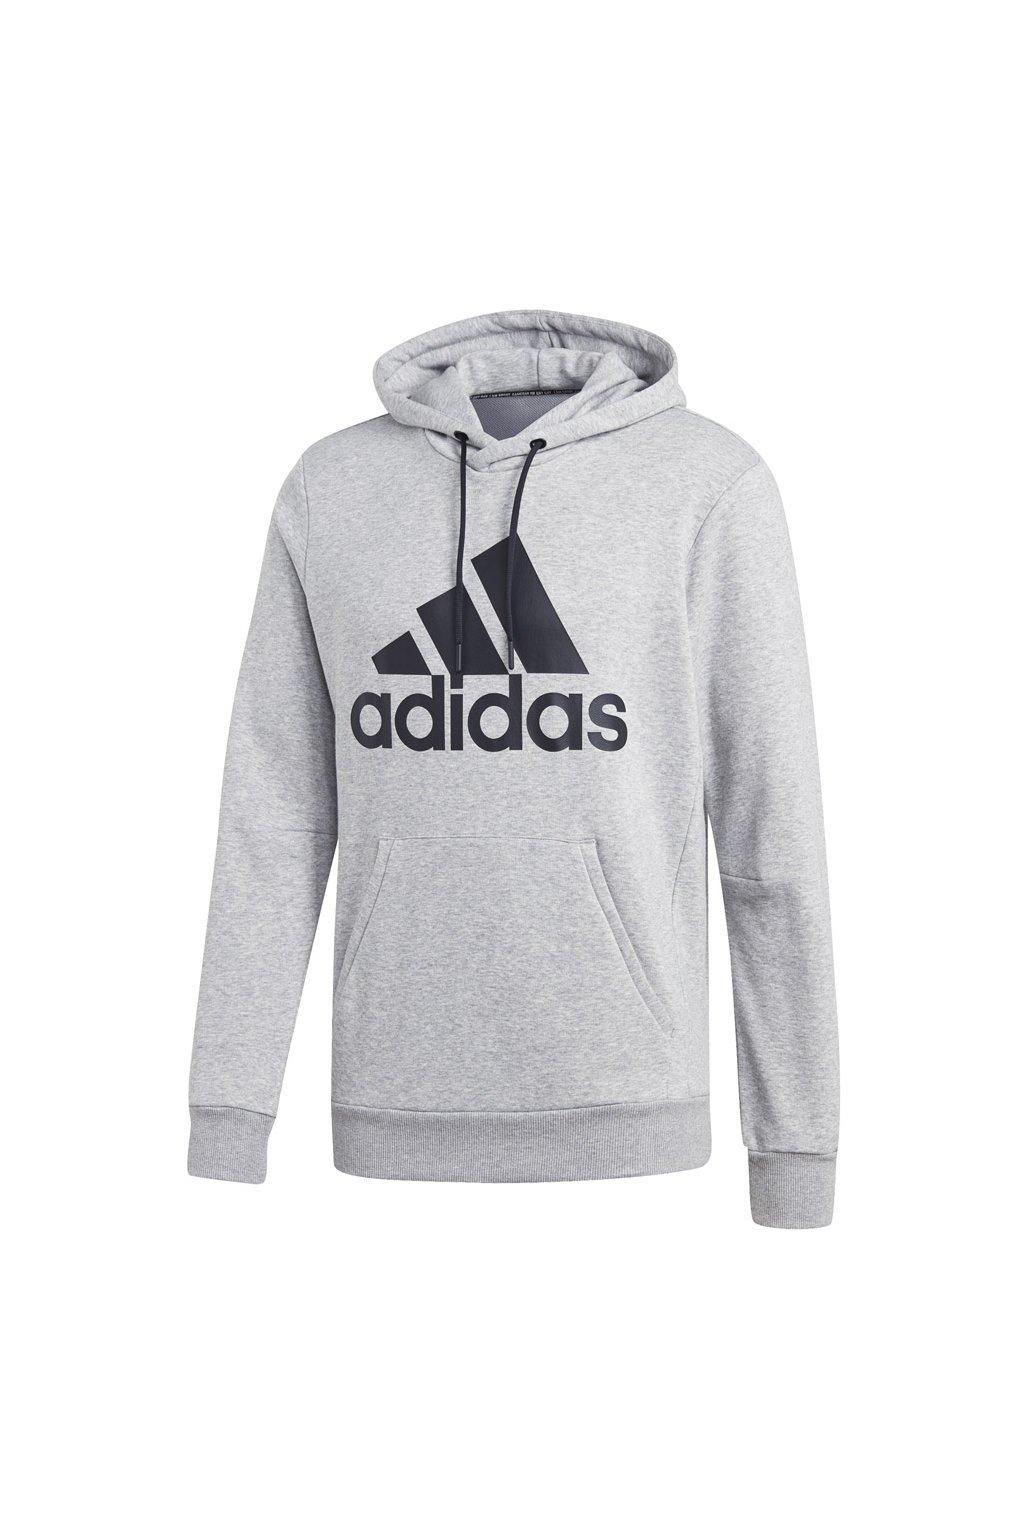 Pánska mikina Adidas MH Bos PO FT šedá DT9947